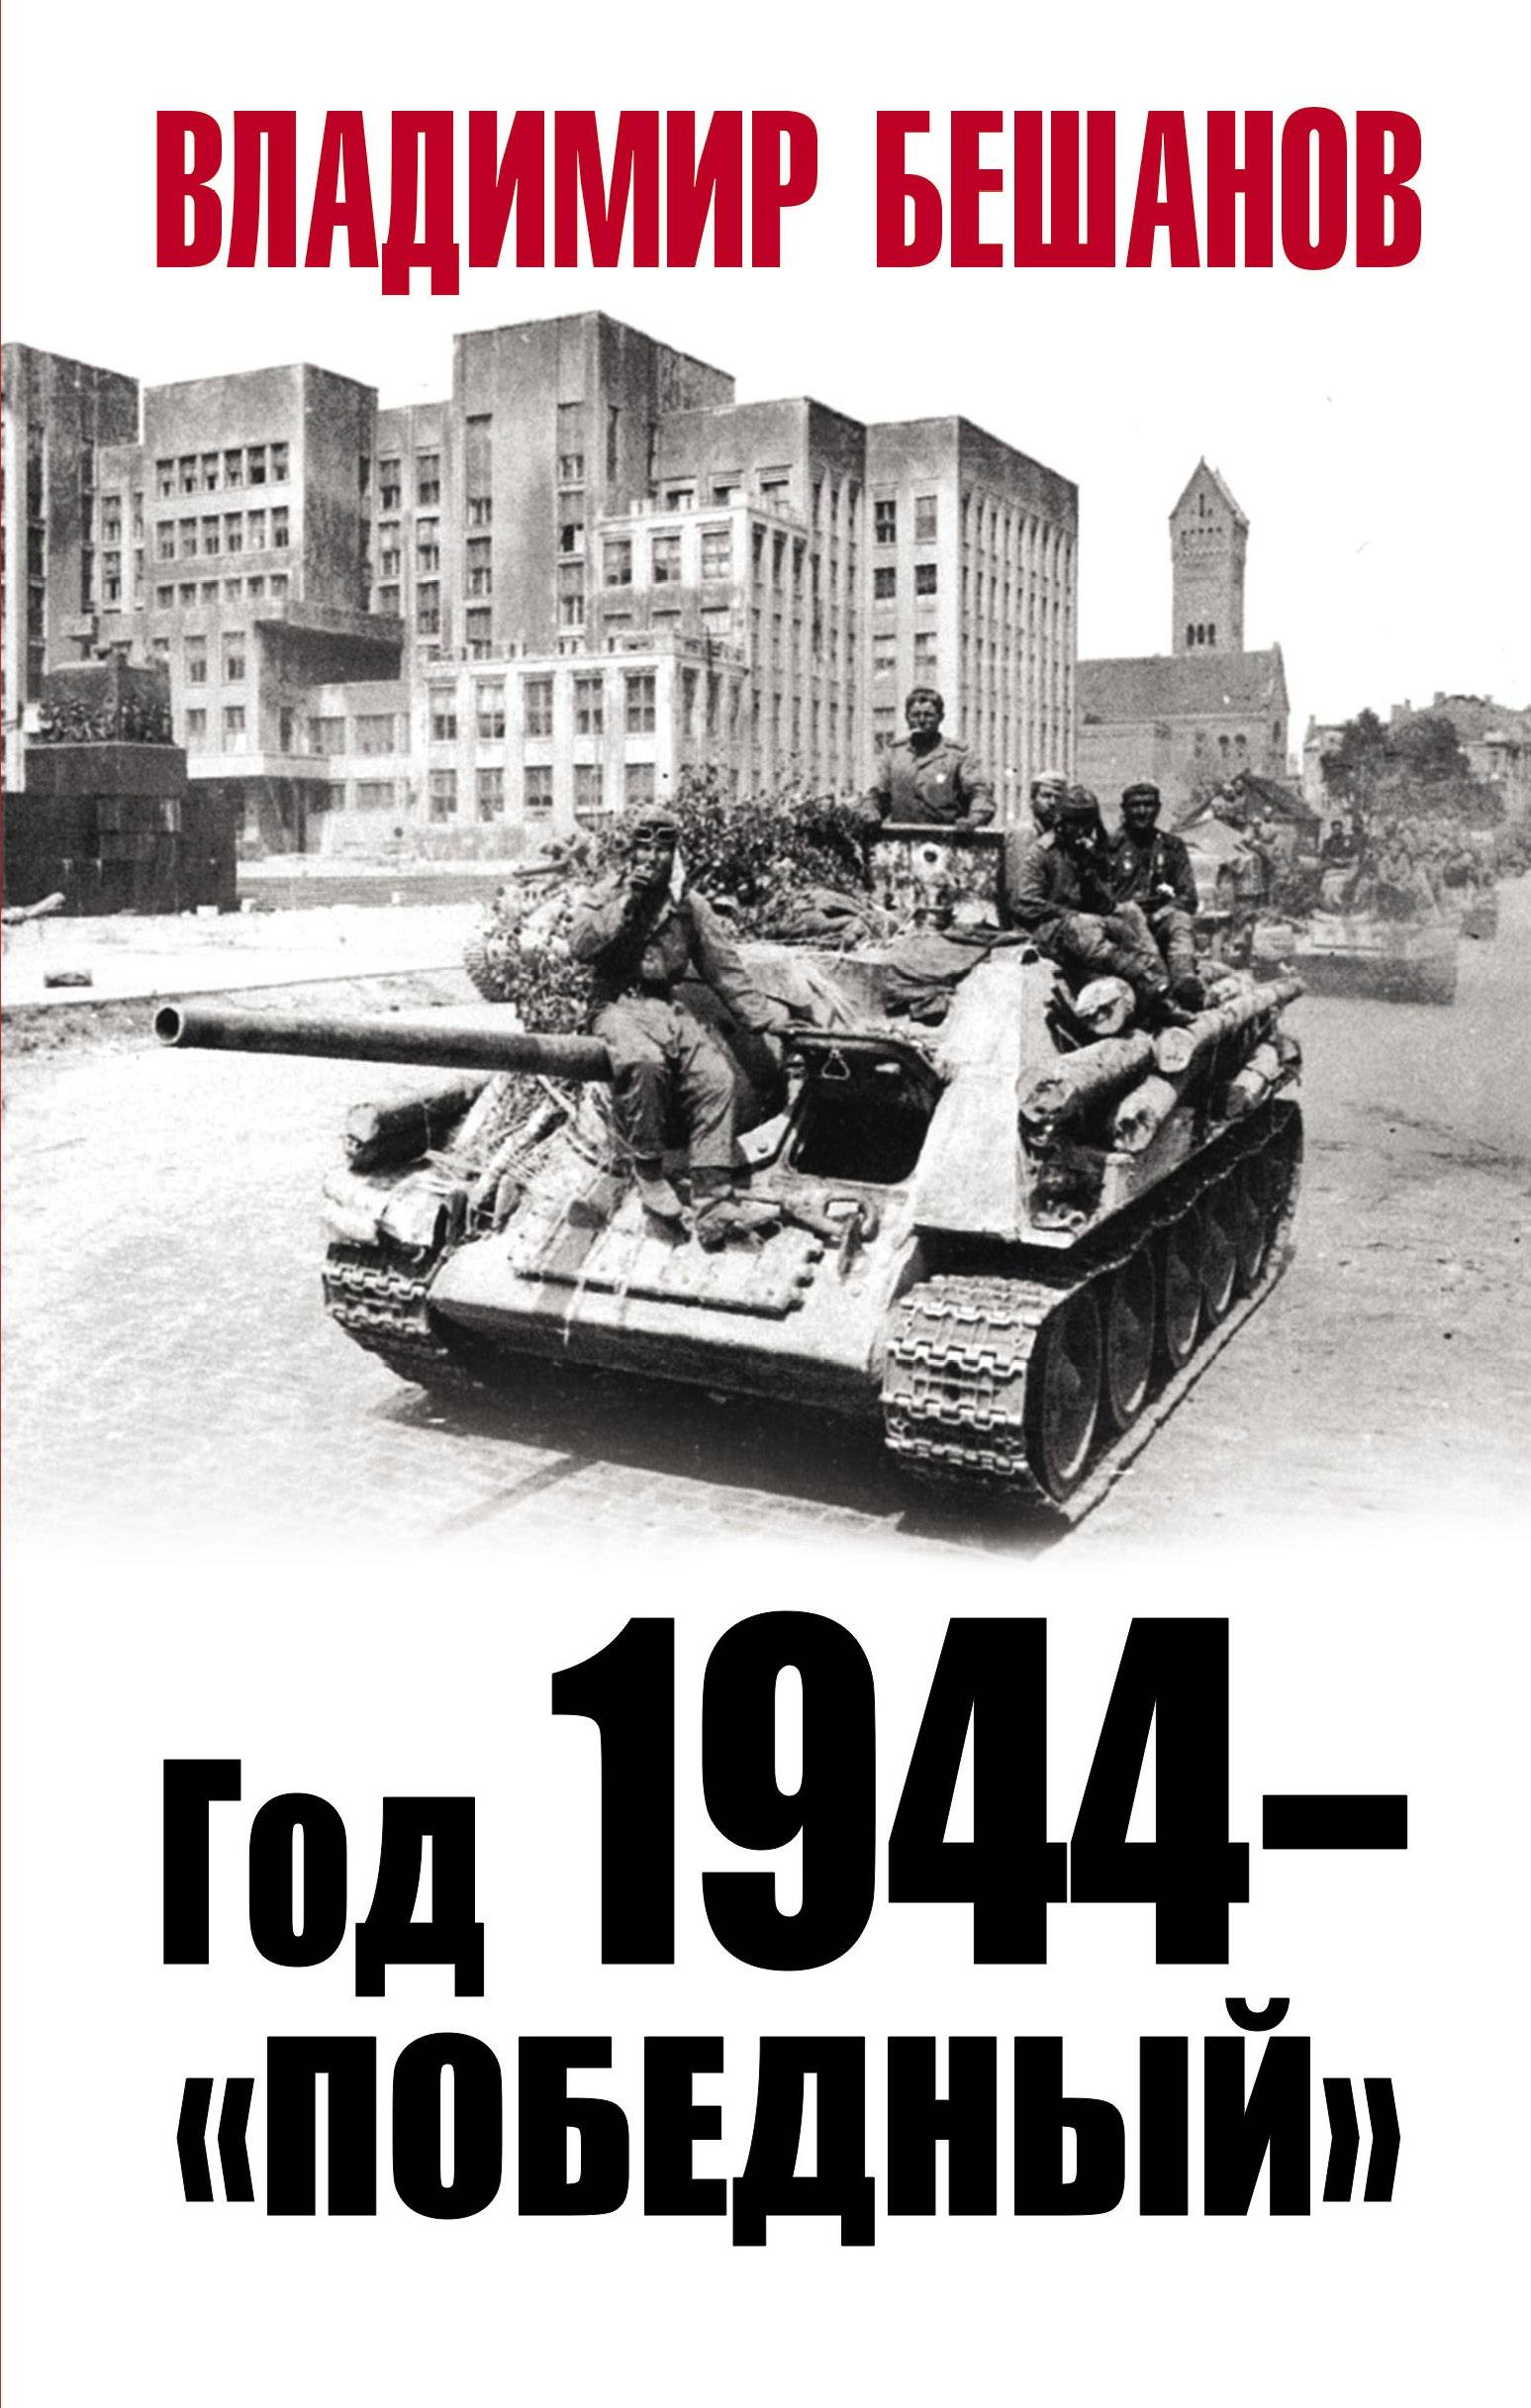 God 1944 -